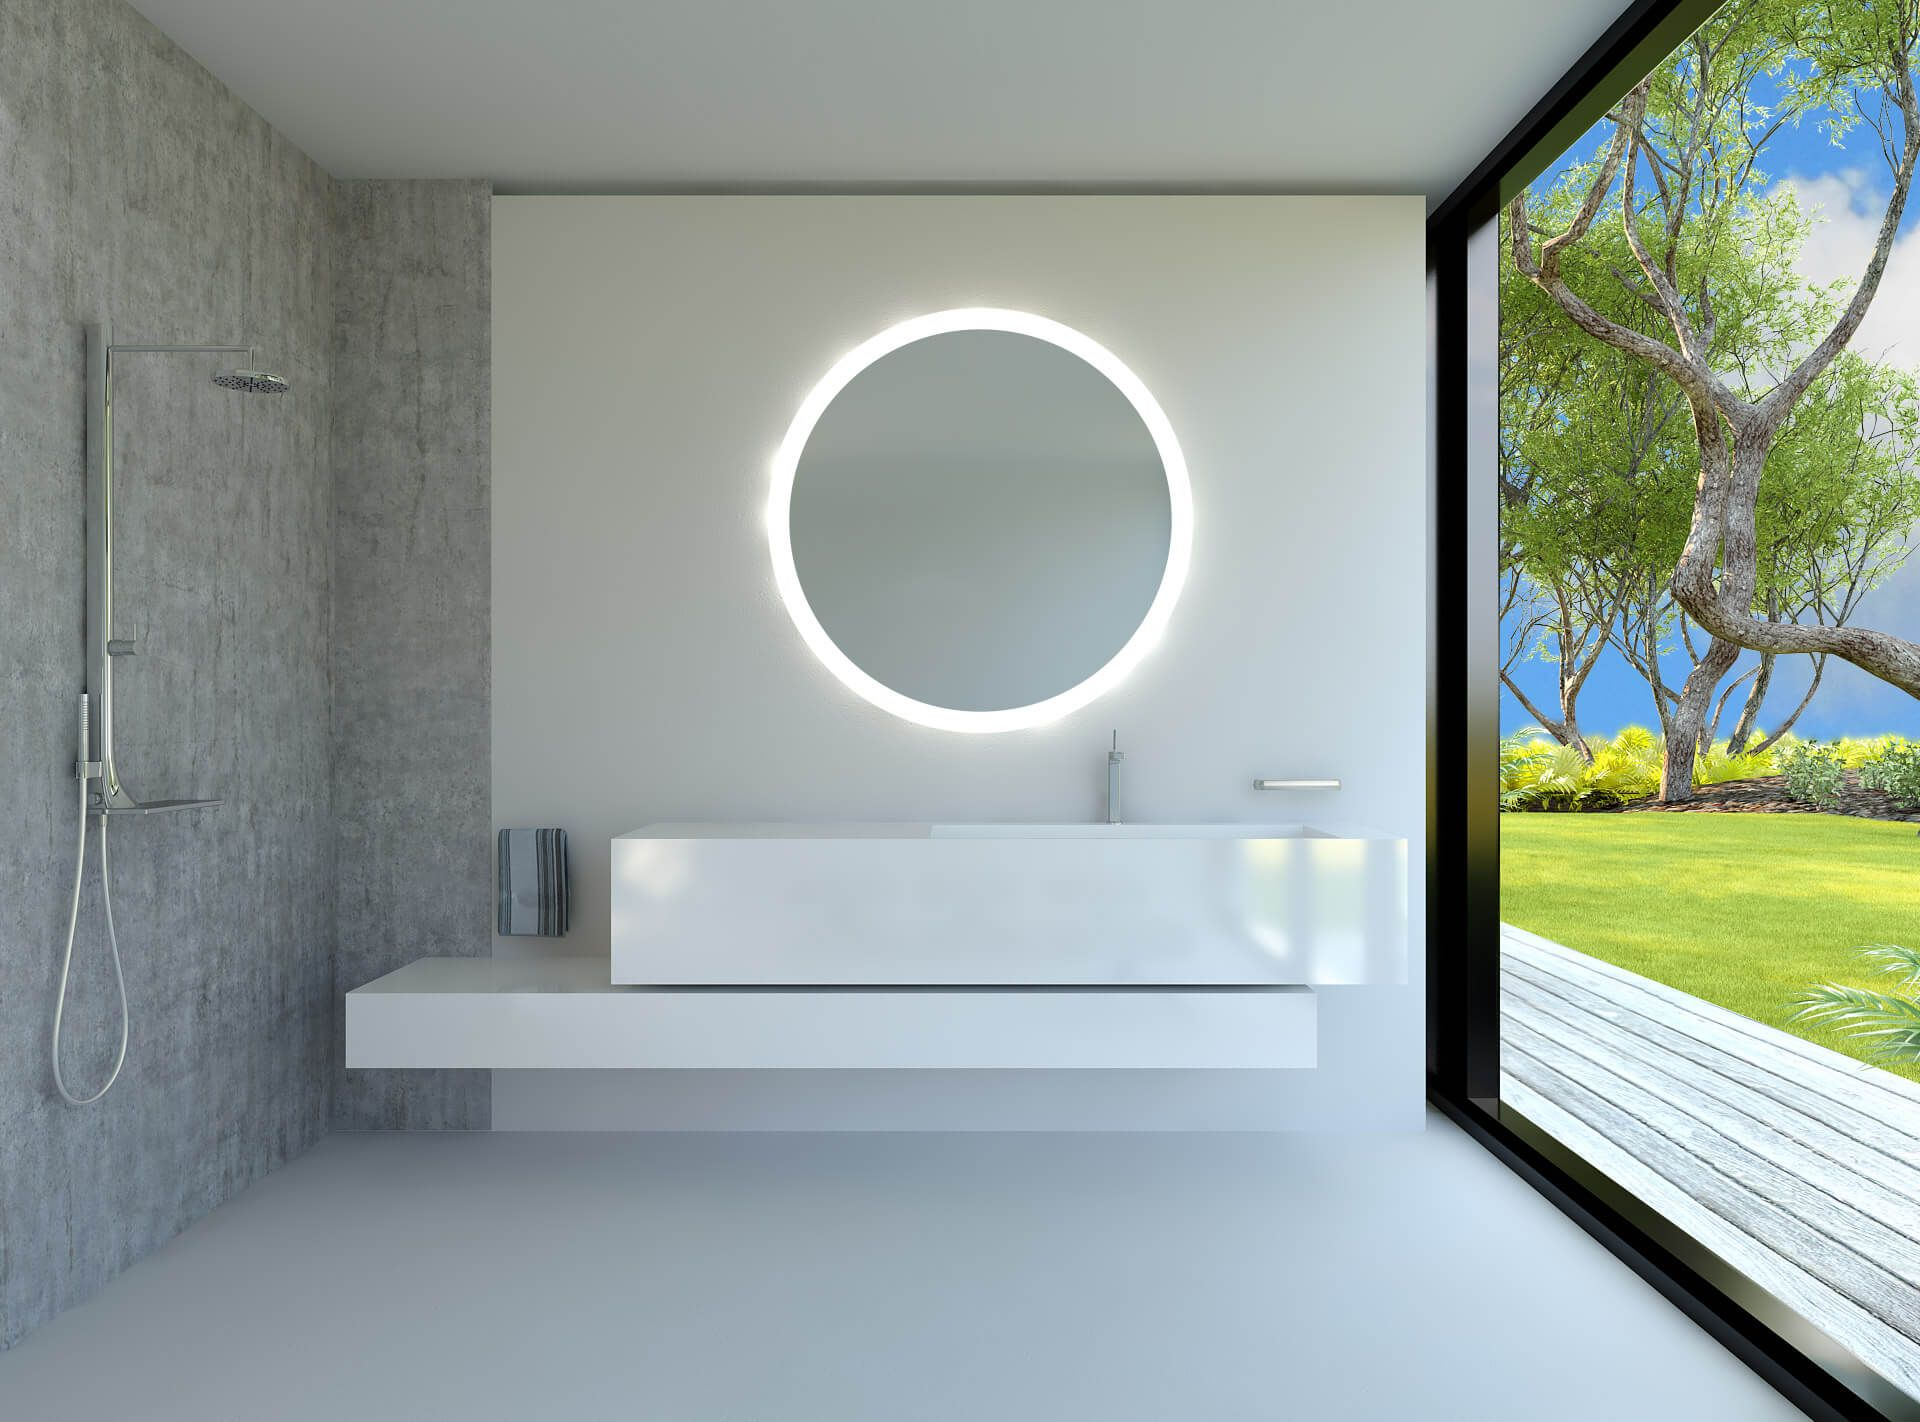 Alldrei Badspiegel Mit Licht Runder Badezimmerspiegel Mit Led